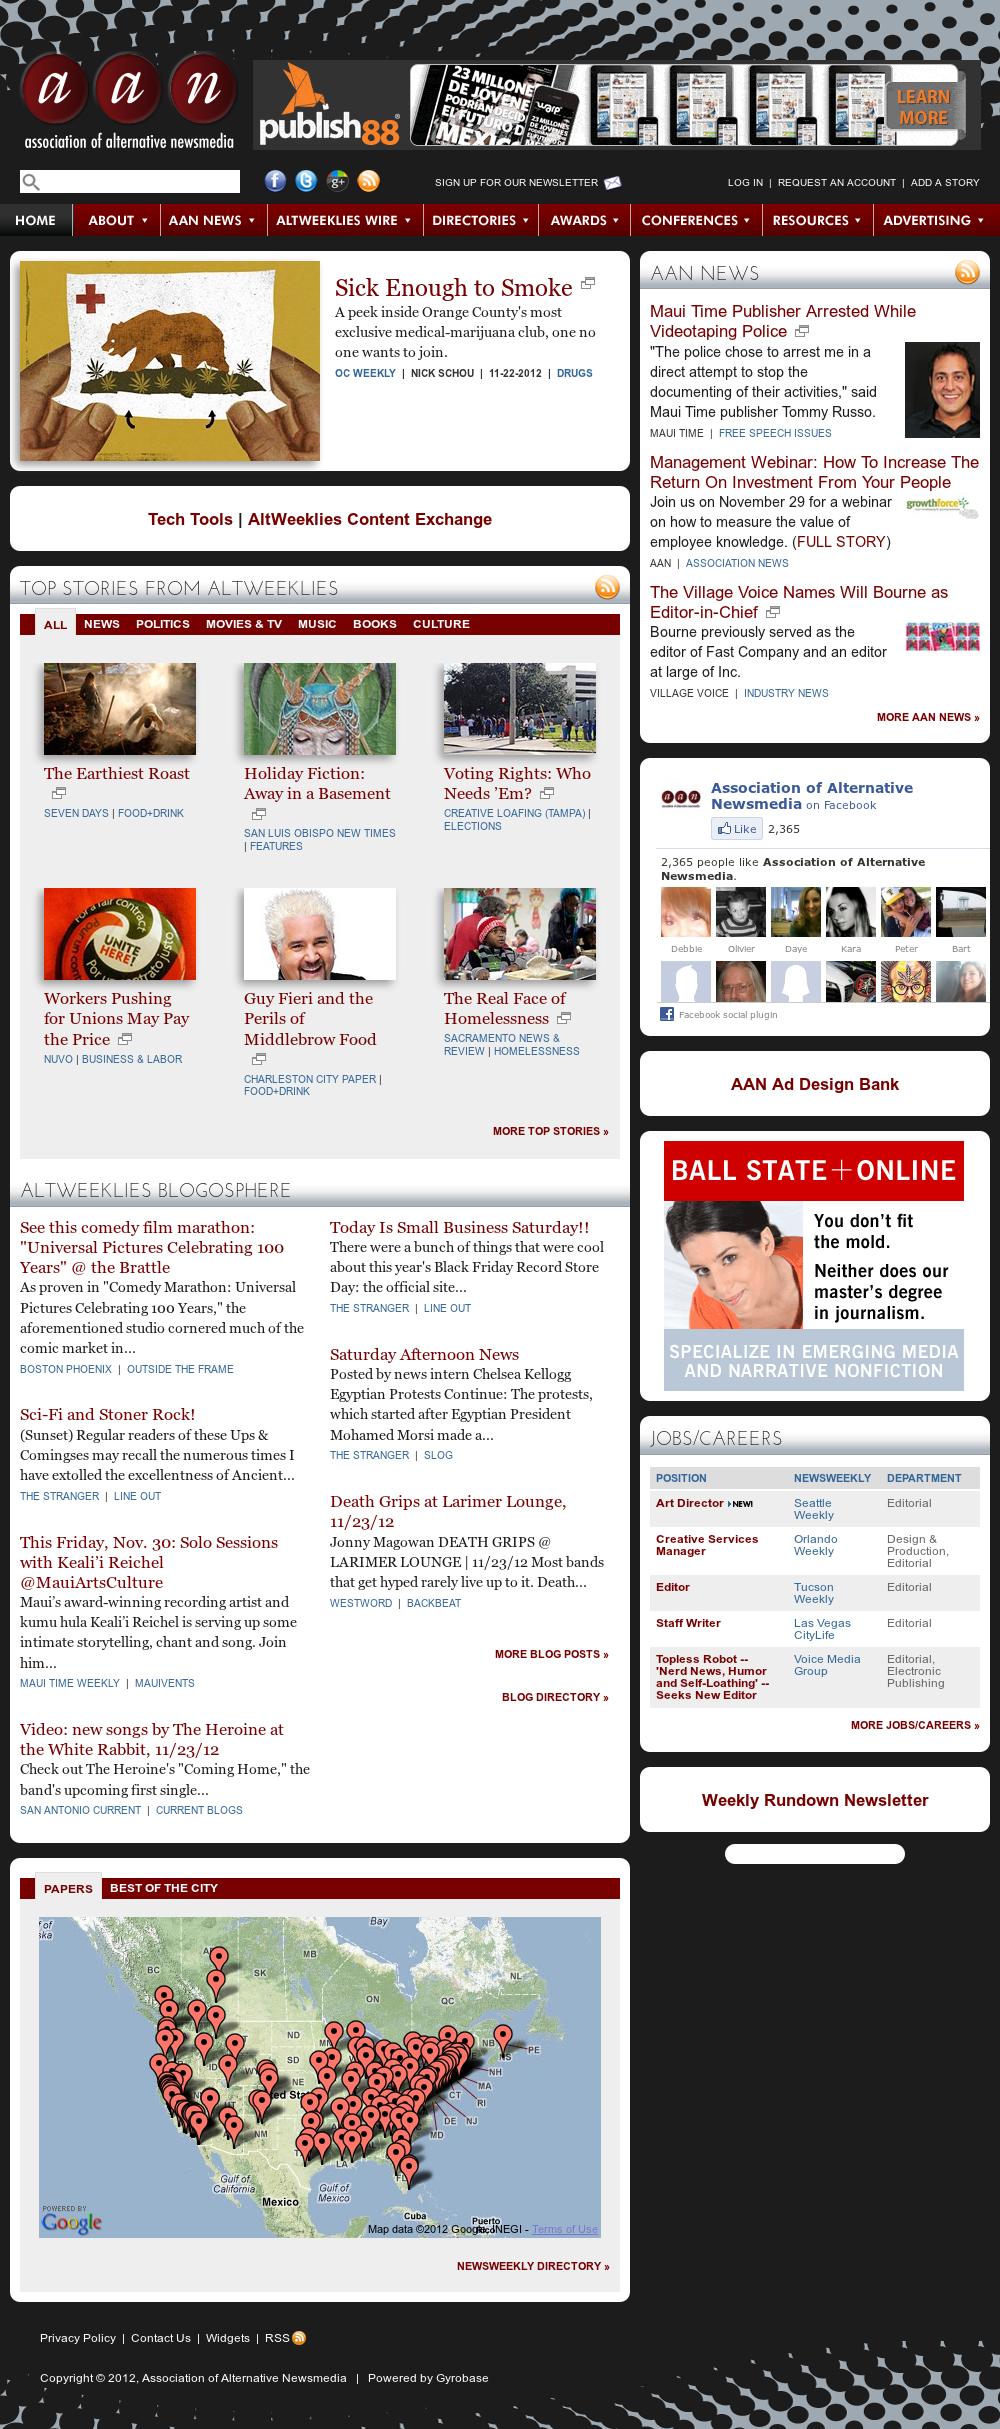 Association of Alternative Newsmedia at Sunday Nov. 25, 2012, 2:01 a.m. UTC